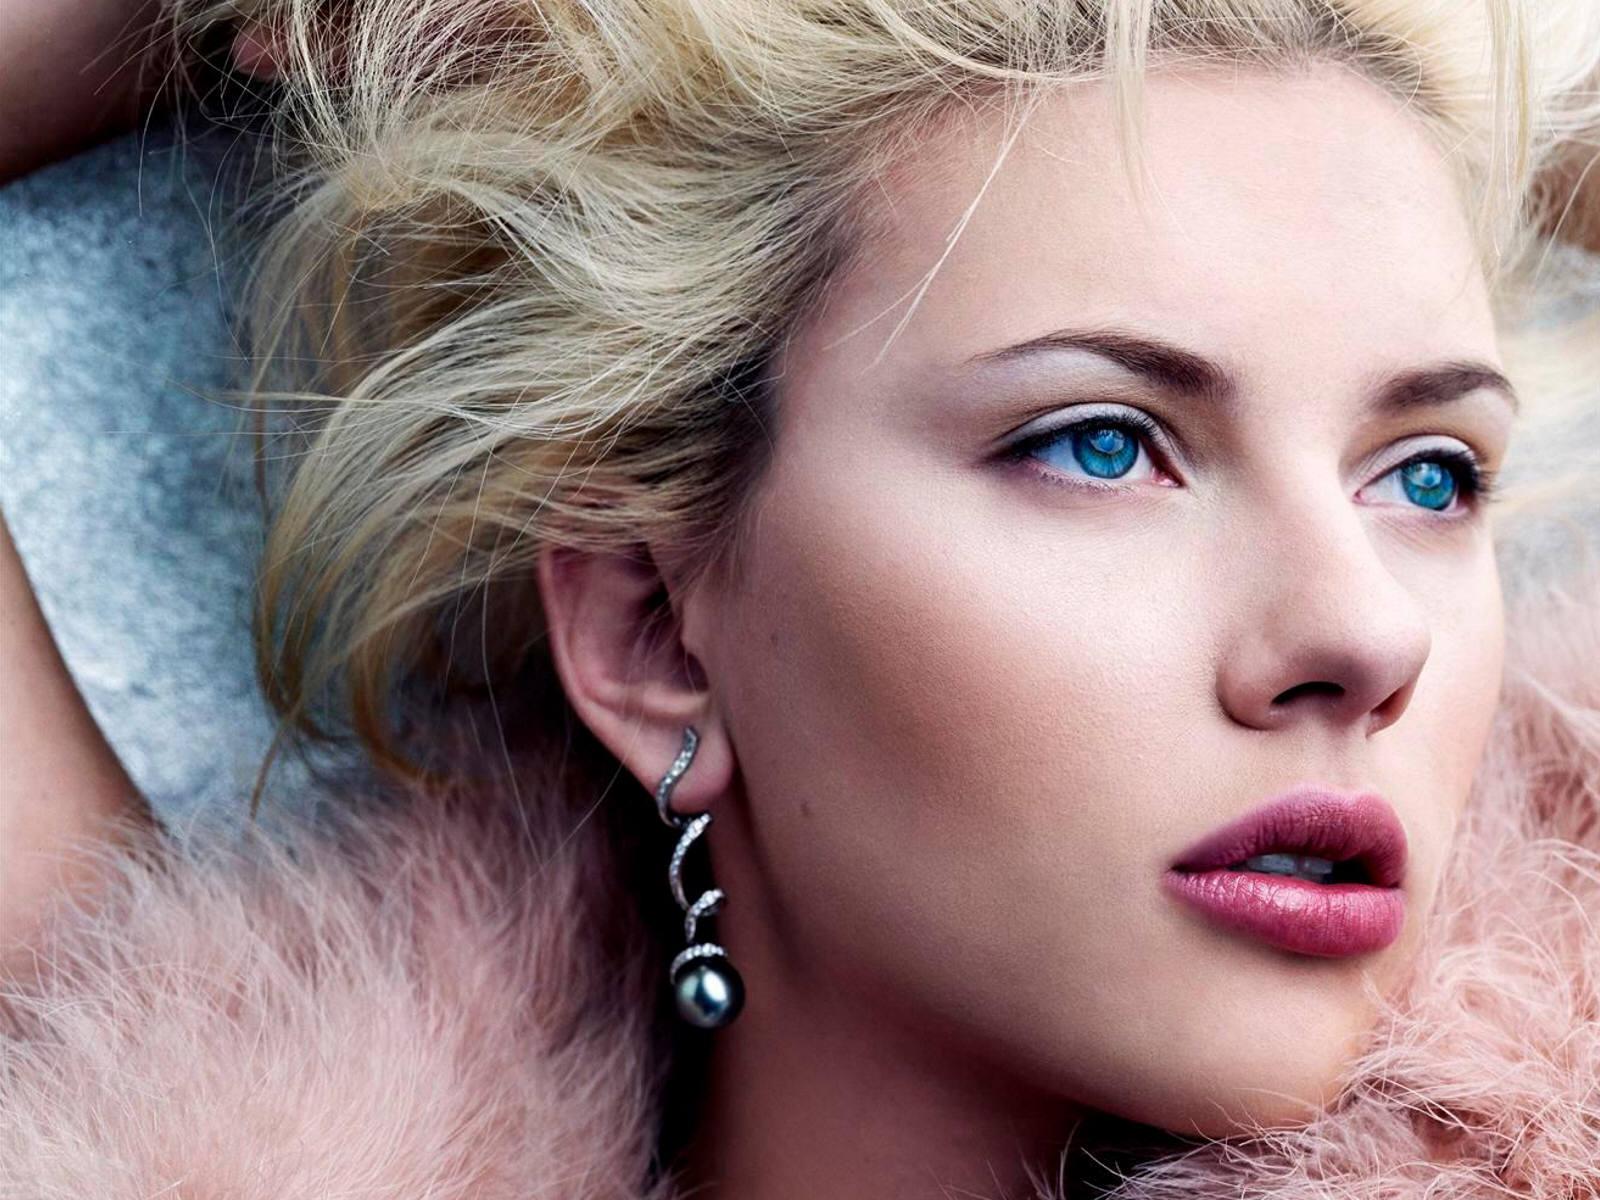 http://1.bp.blogspot.com/-xf0omPwzHP4/Tr1IdypmlII/AAAAAAAAJGE/AGLr1pYA_lA/s1600/Scarlett_Johansson_Desktop_Wallpapers_blue_eyes.jpg